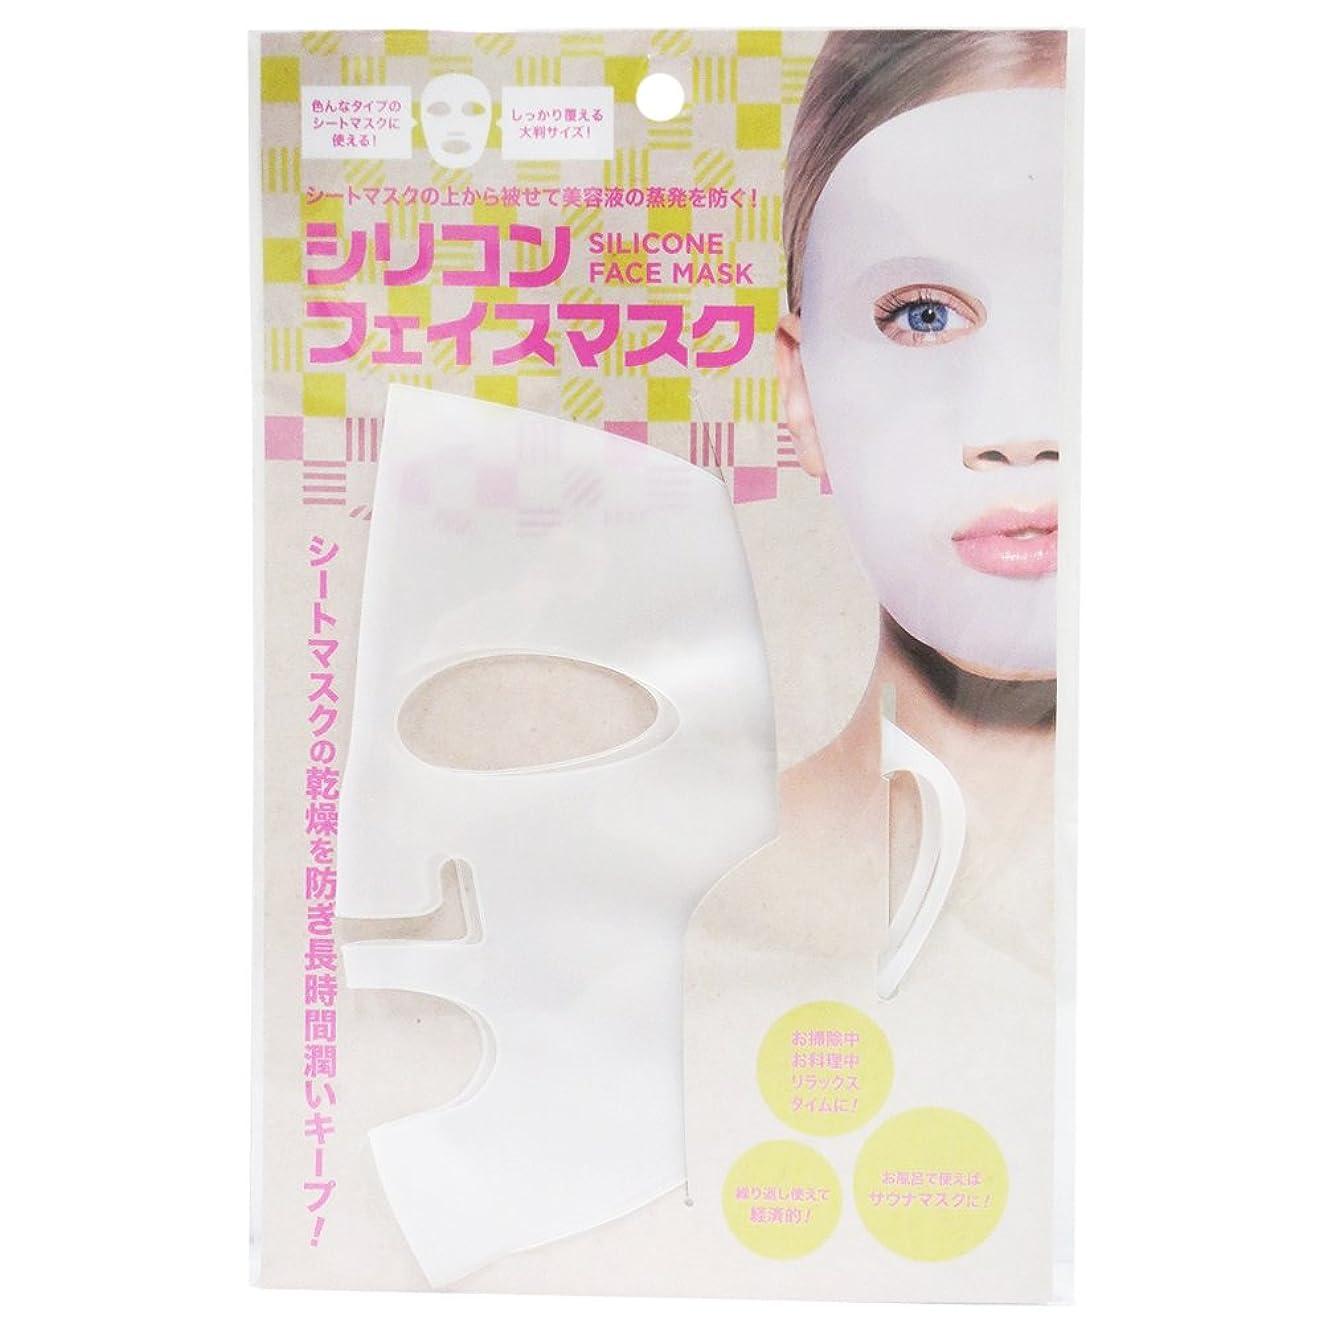 悪性腫瘍決定する十代の若者たちシリコンフェイスマスク